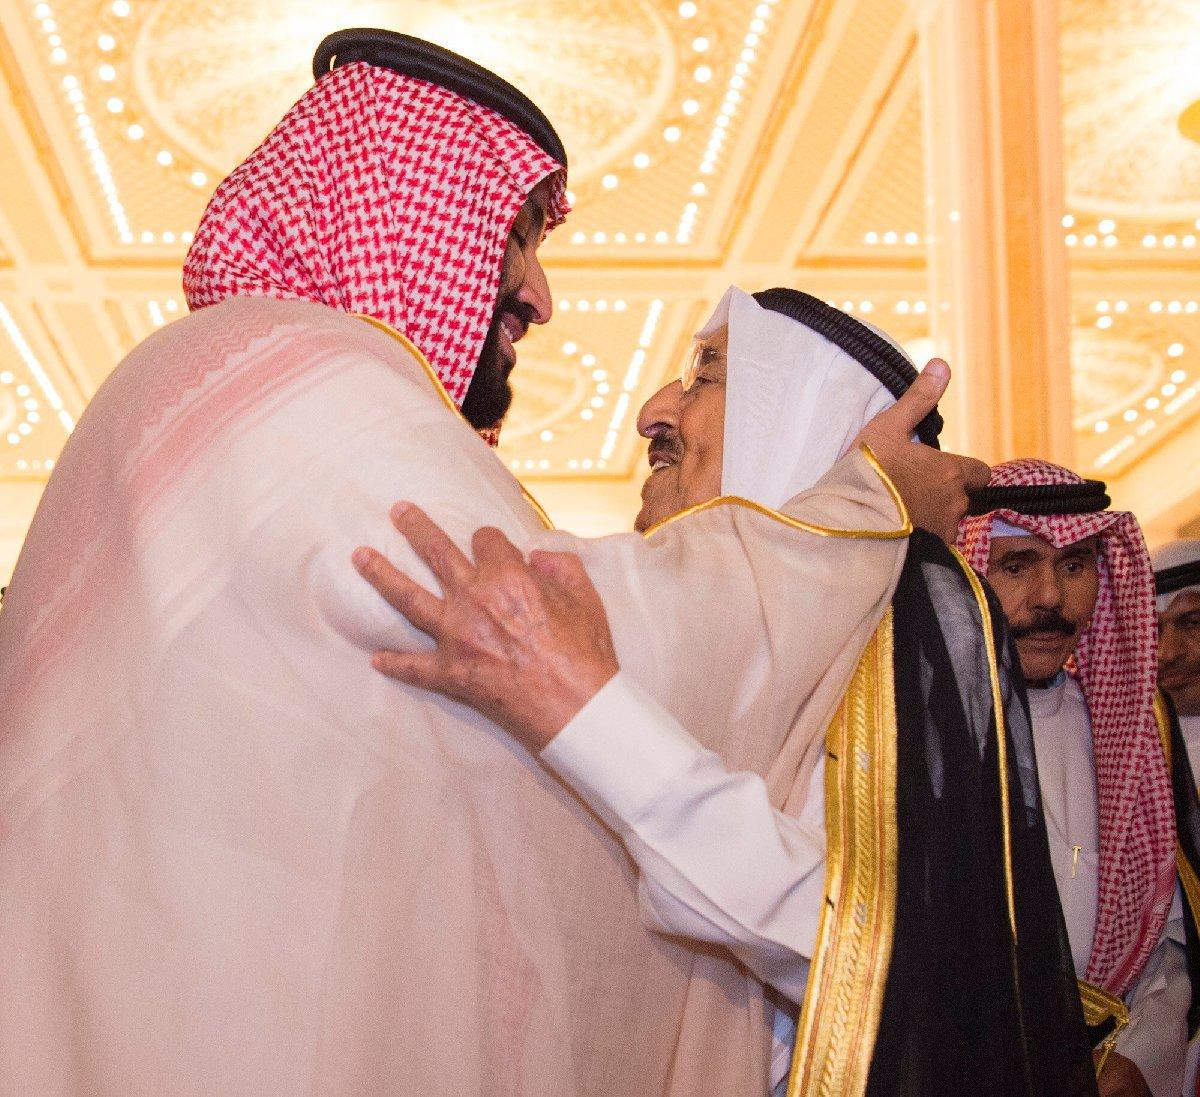 Kuveyt'te bir araya gelen iki isim samimi görüntüler verdi.